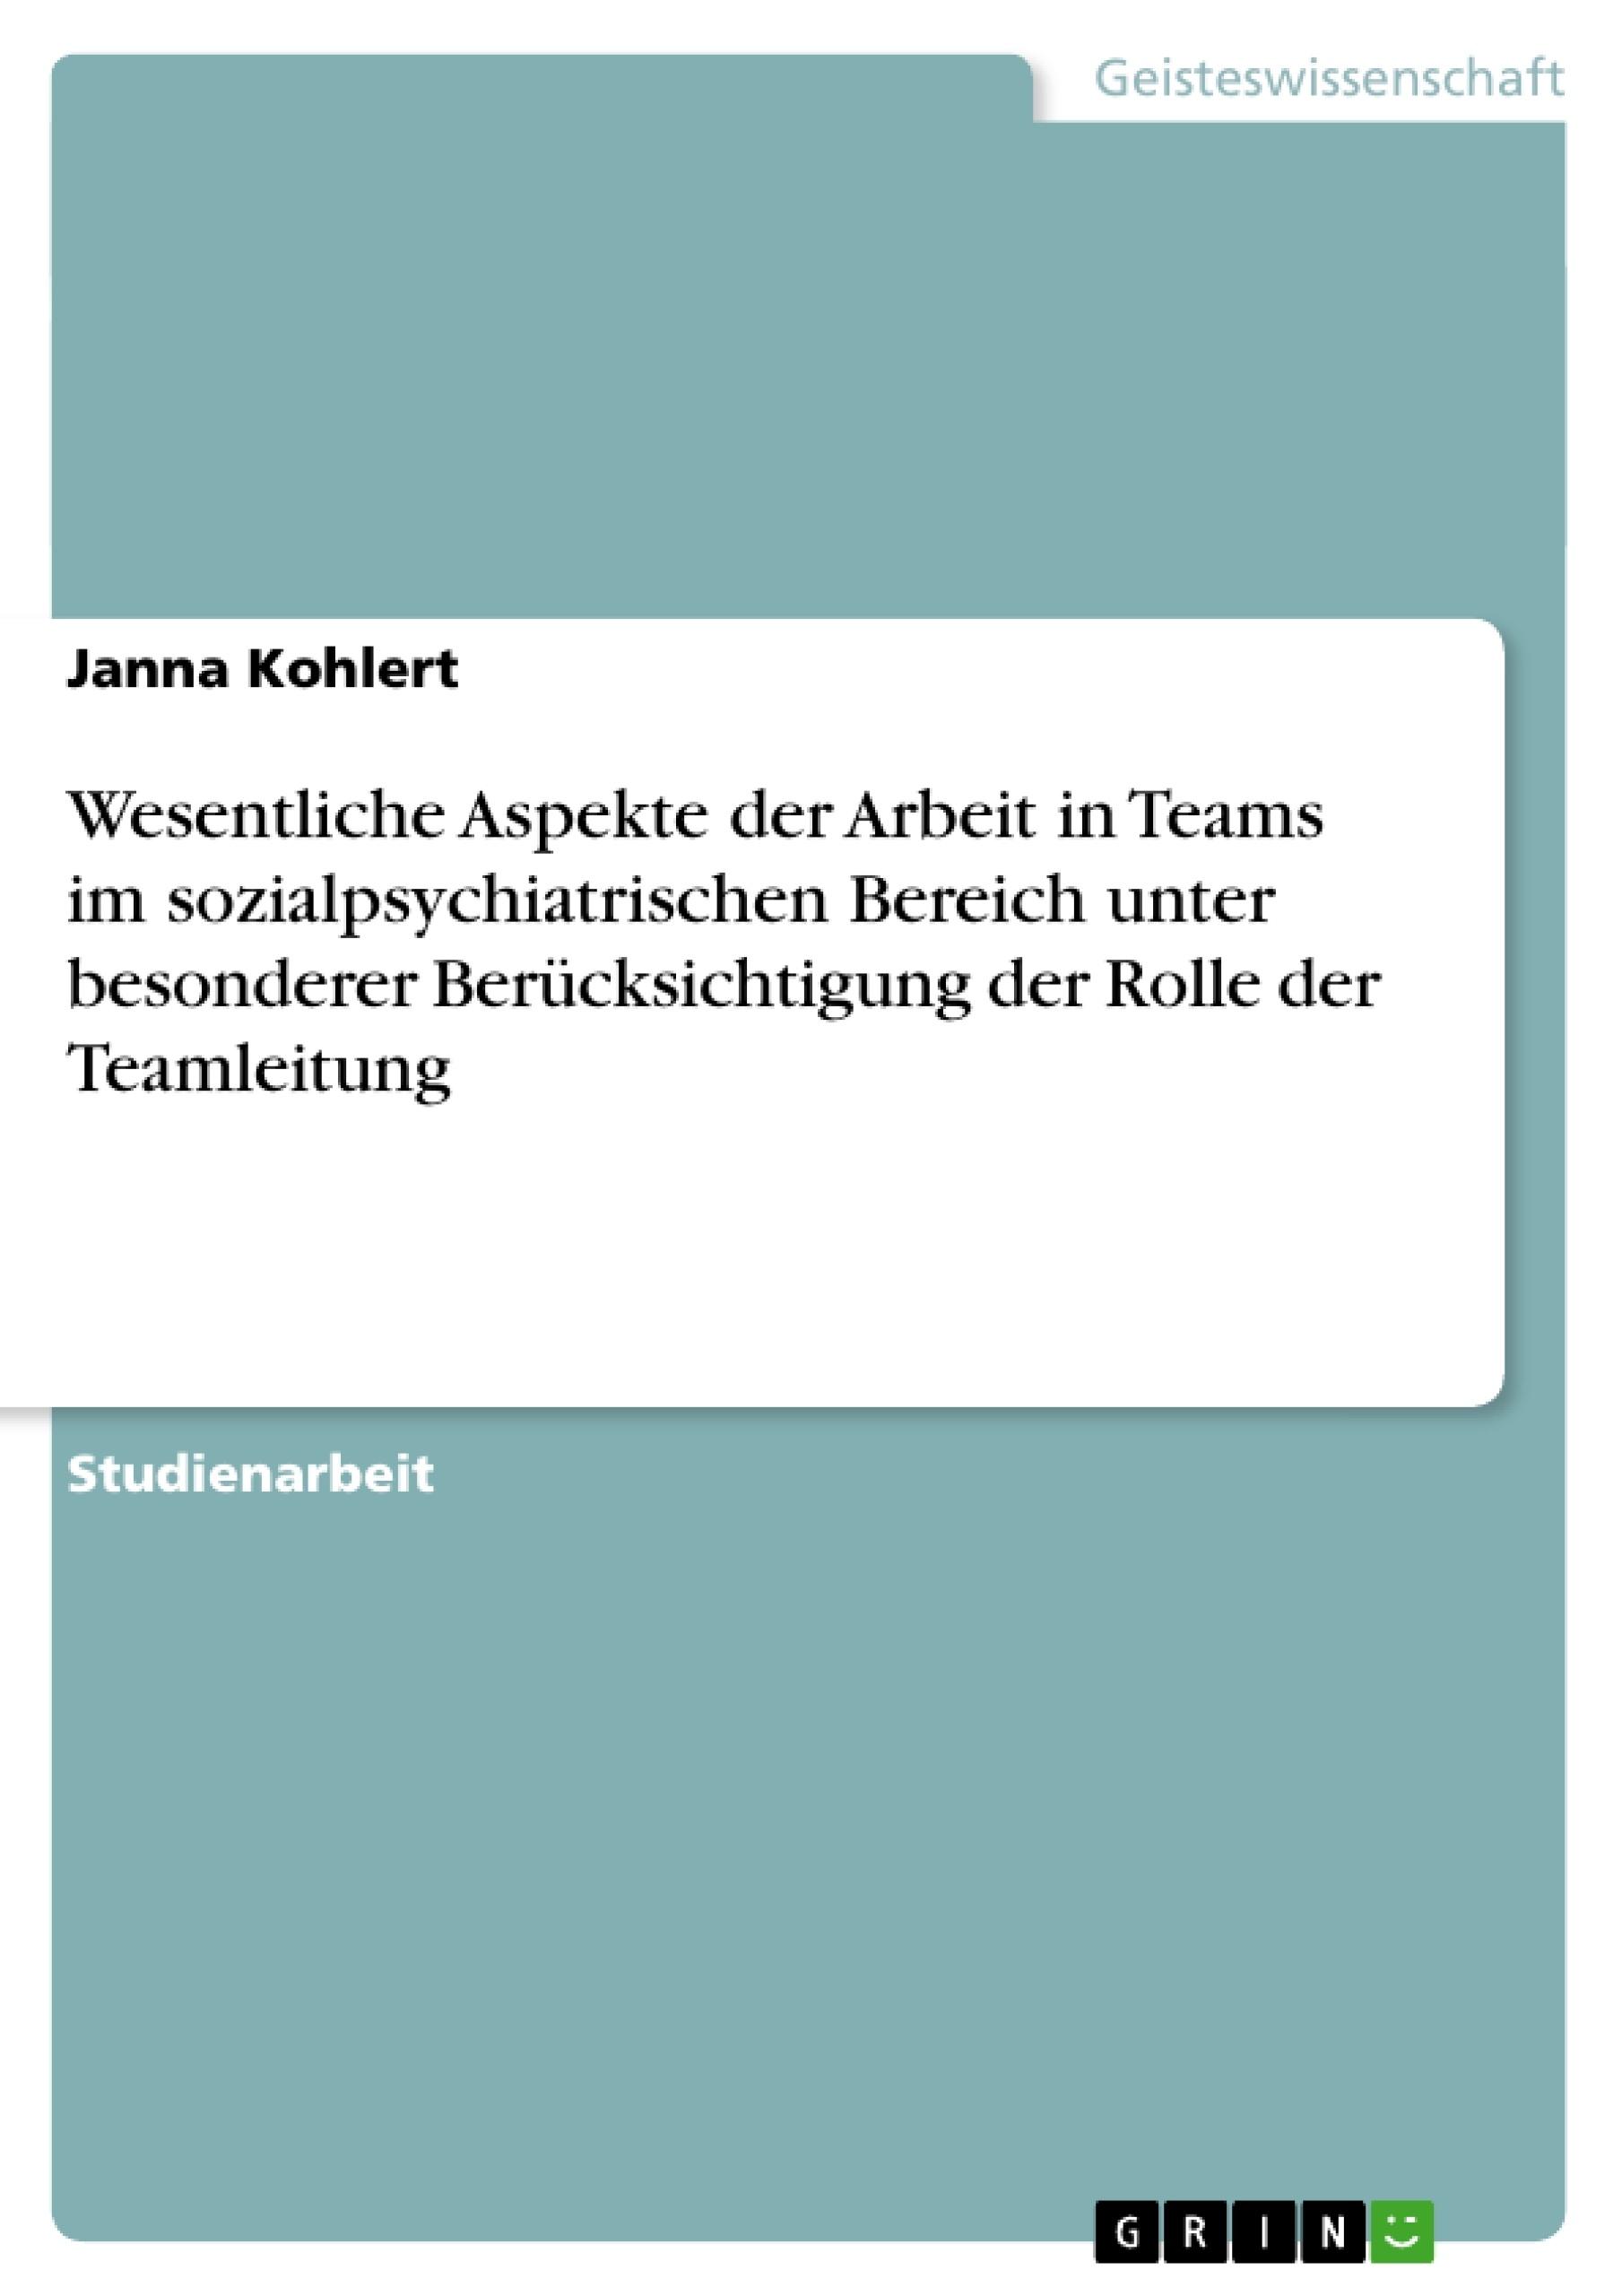 Titel: Wesentliche Aspekte der Arbeit in Teams im sozialpsychiatrischen Bereich unter besonderer Berücksichtigung der Rolle der Teamleitung